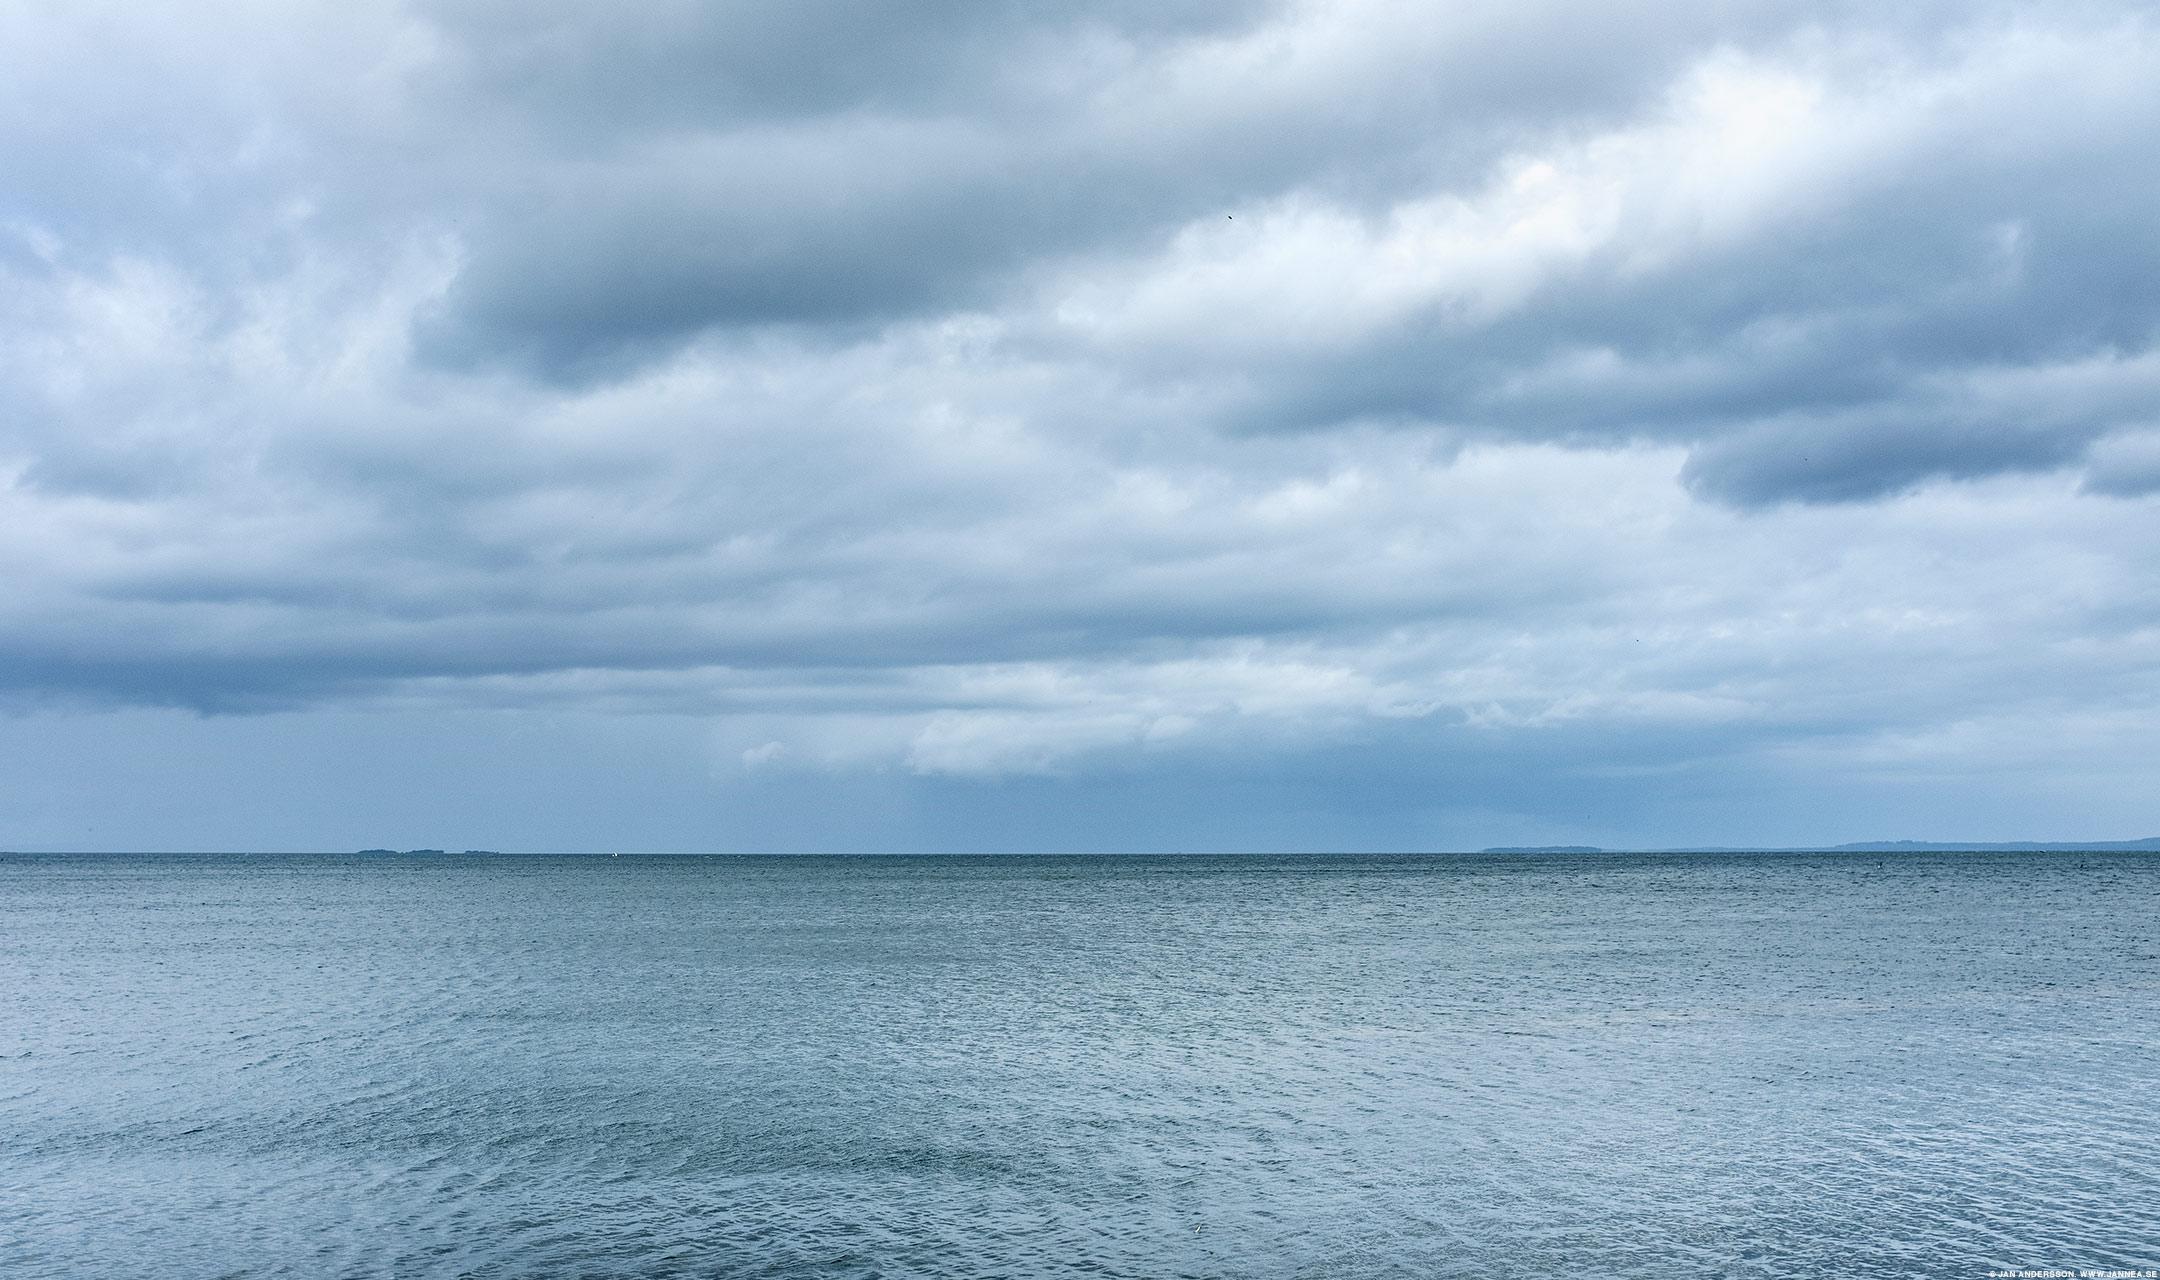 Vi kan väl enas om att sommaren fortsätter augusti ut |©Jan Andersson